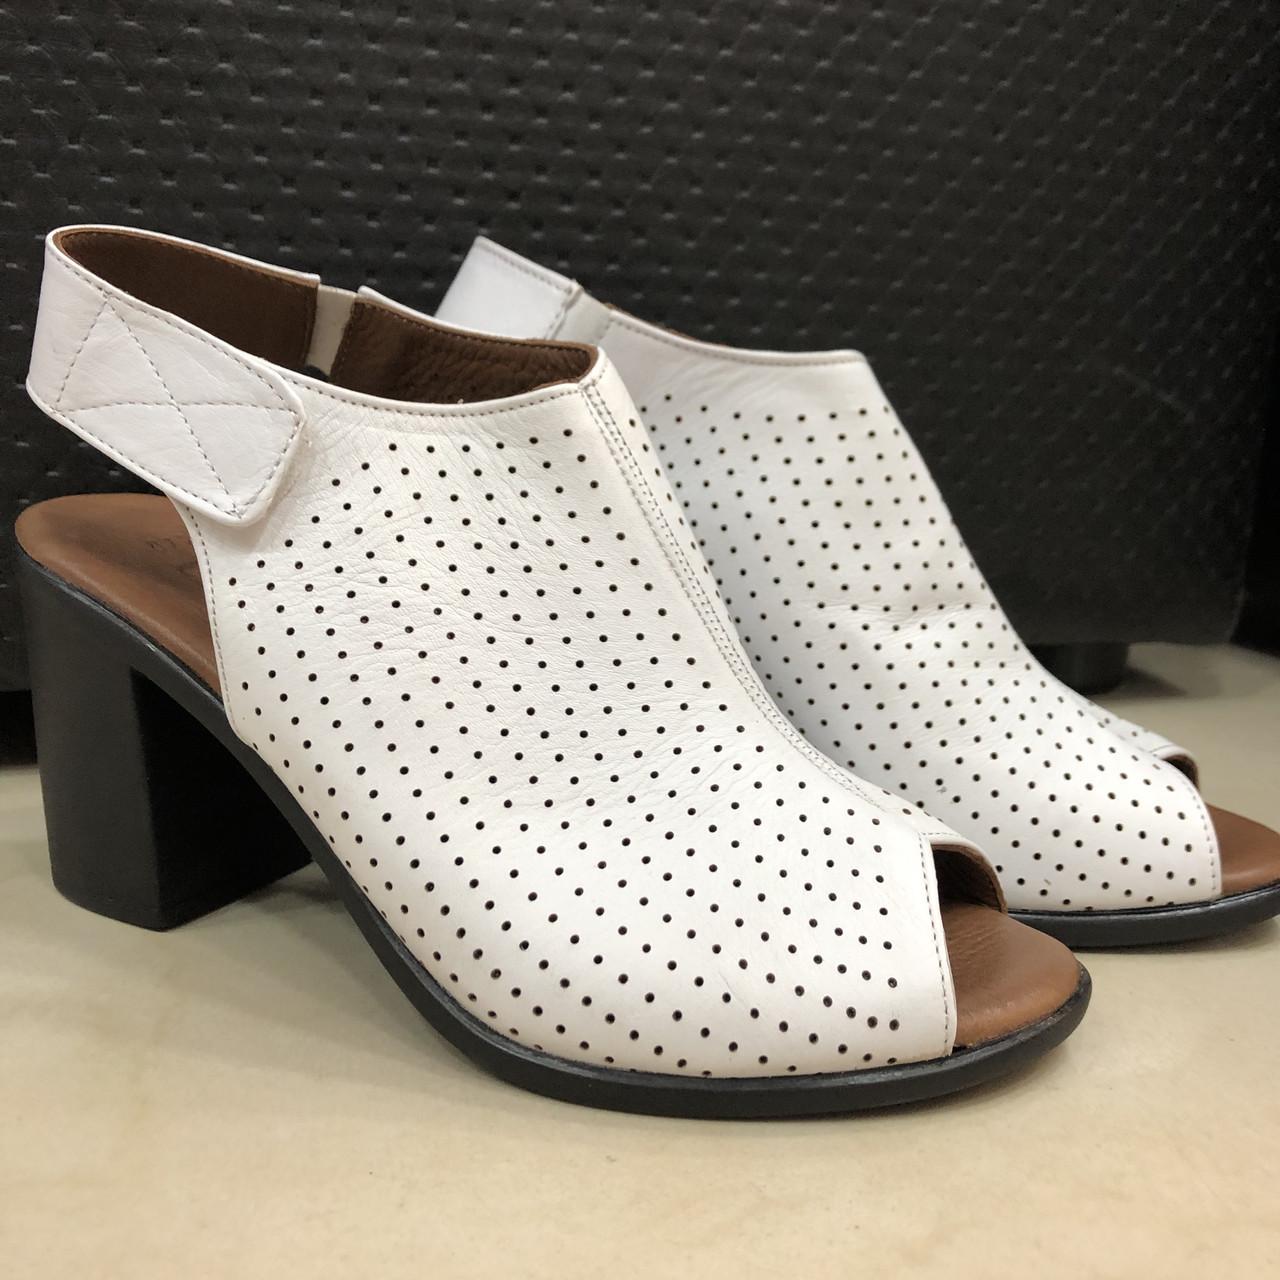 Босоножки сандалии женские кожаные белые BRENDA